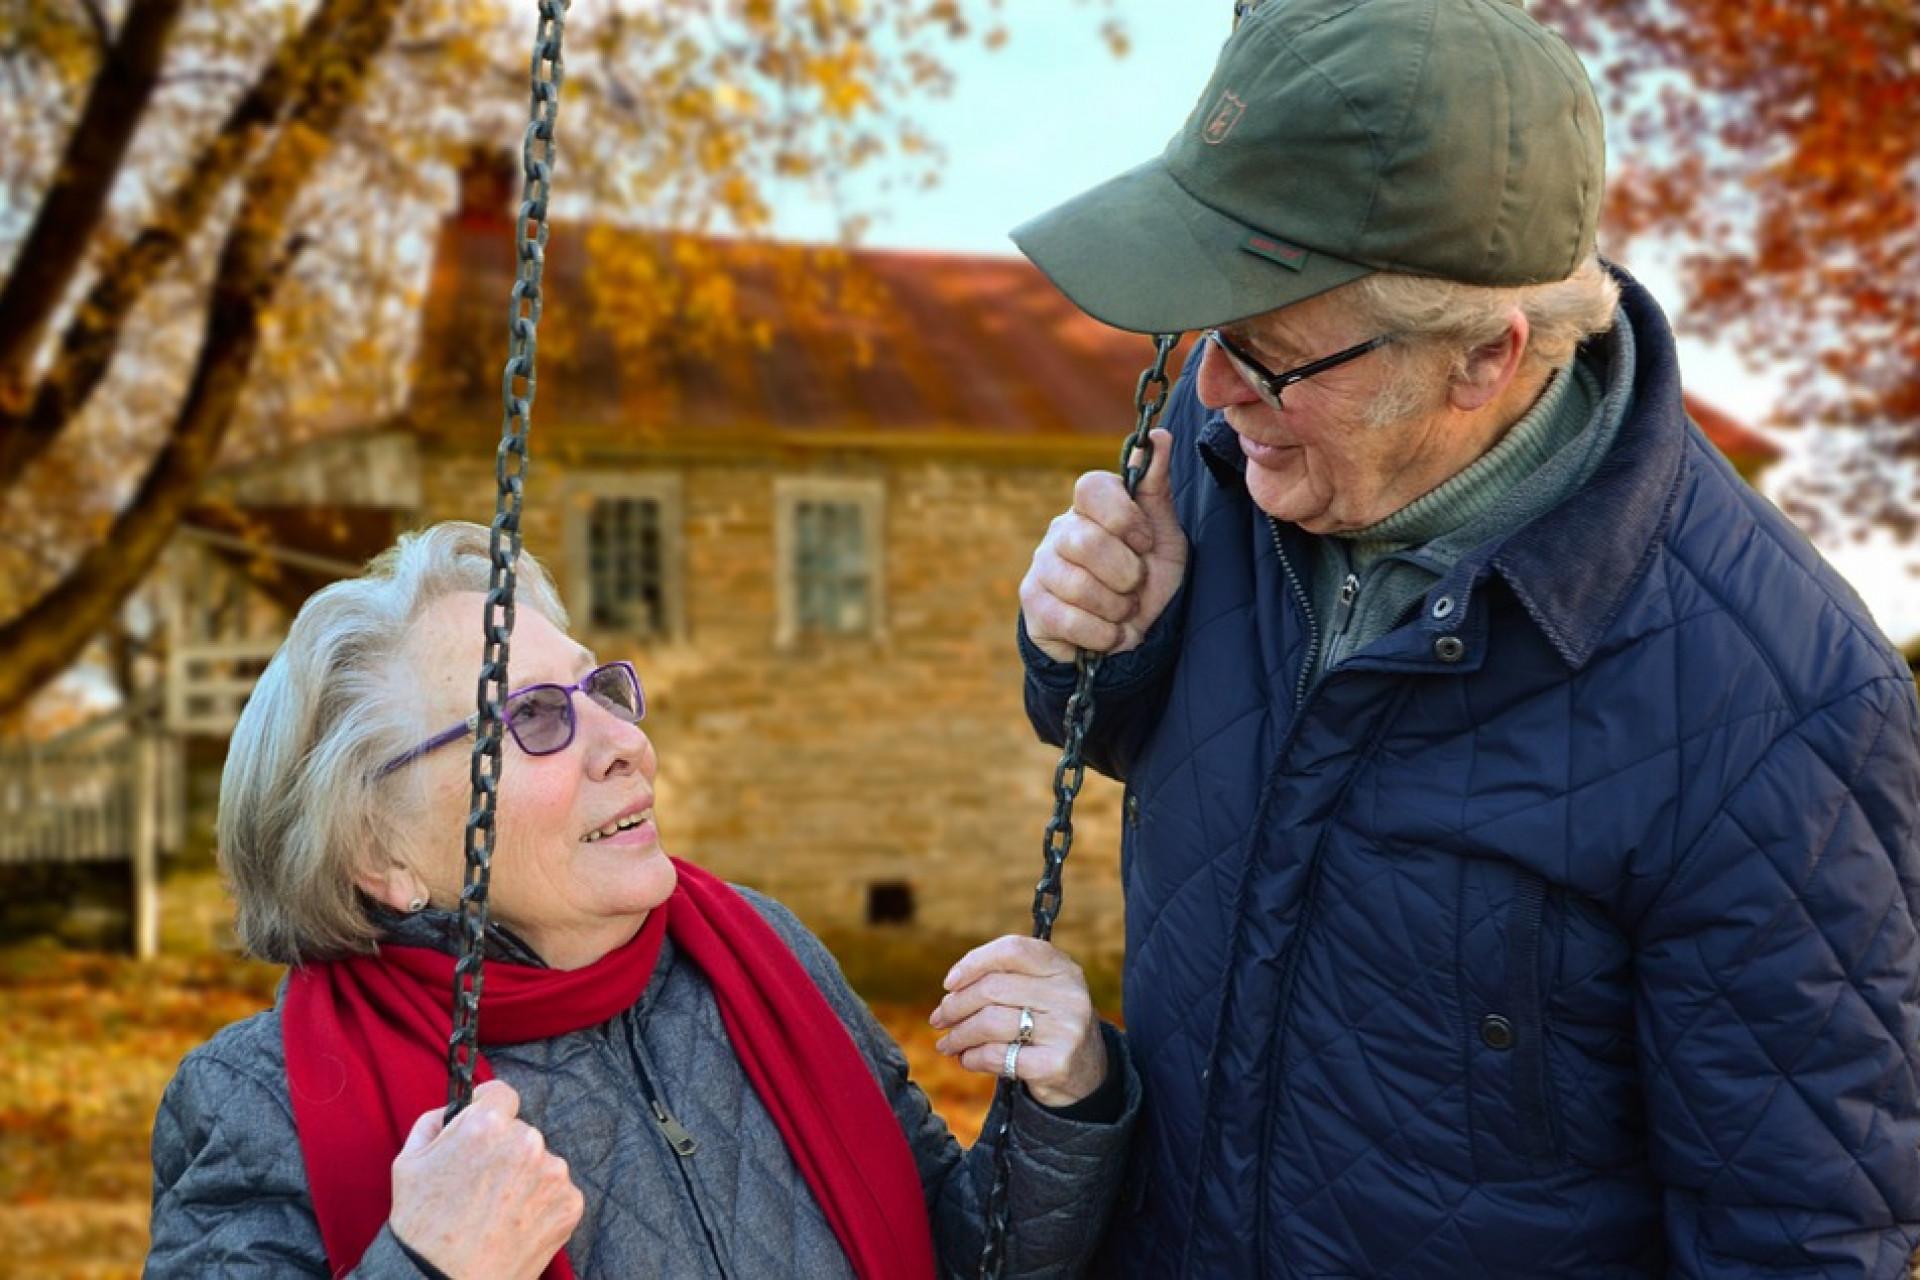 Pracownicy w wieku 50+ podchodzą do pracy w sposób niezwykle odpowiedzialny - mówi Anna Ciołek z Aterima Med (fot. pixabay.com)